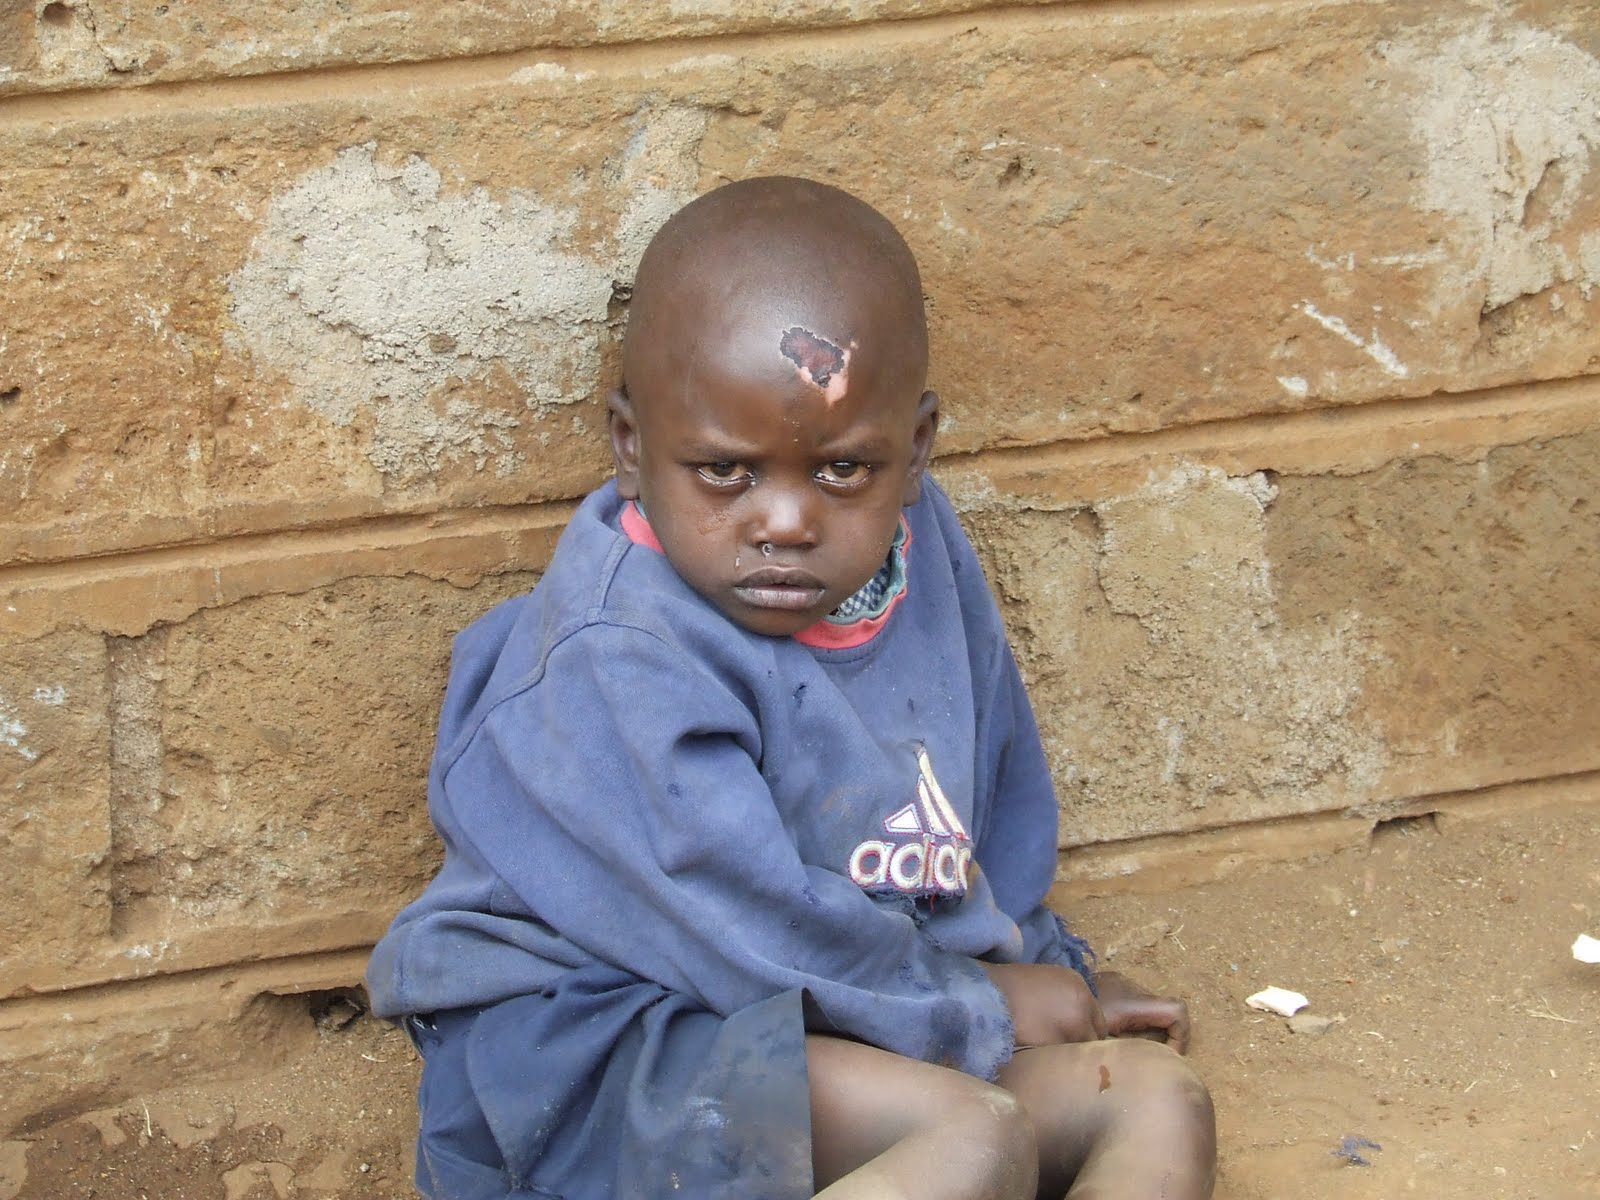 http://2.bp.blogspot.com/-ITwkRgiExe8/TasgAcyZ92I/AAAAAAAAAB0/9v9mZ1Ttl8o/s1600/Sad+eyed+child.JPG